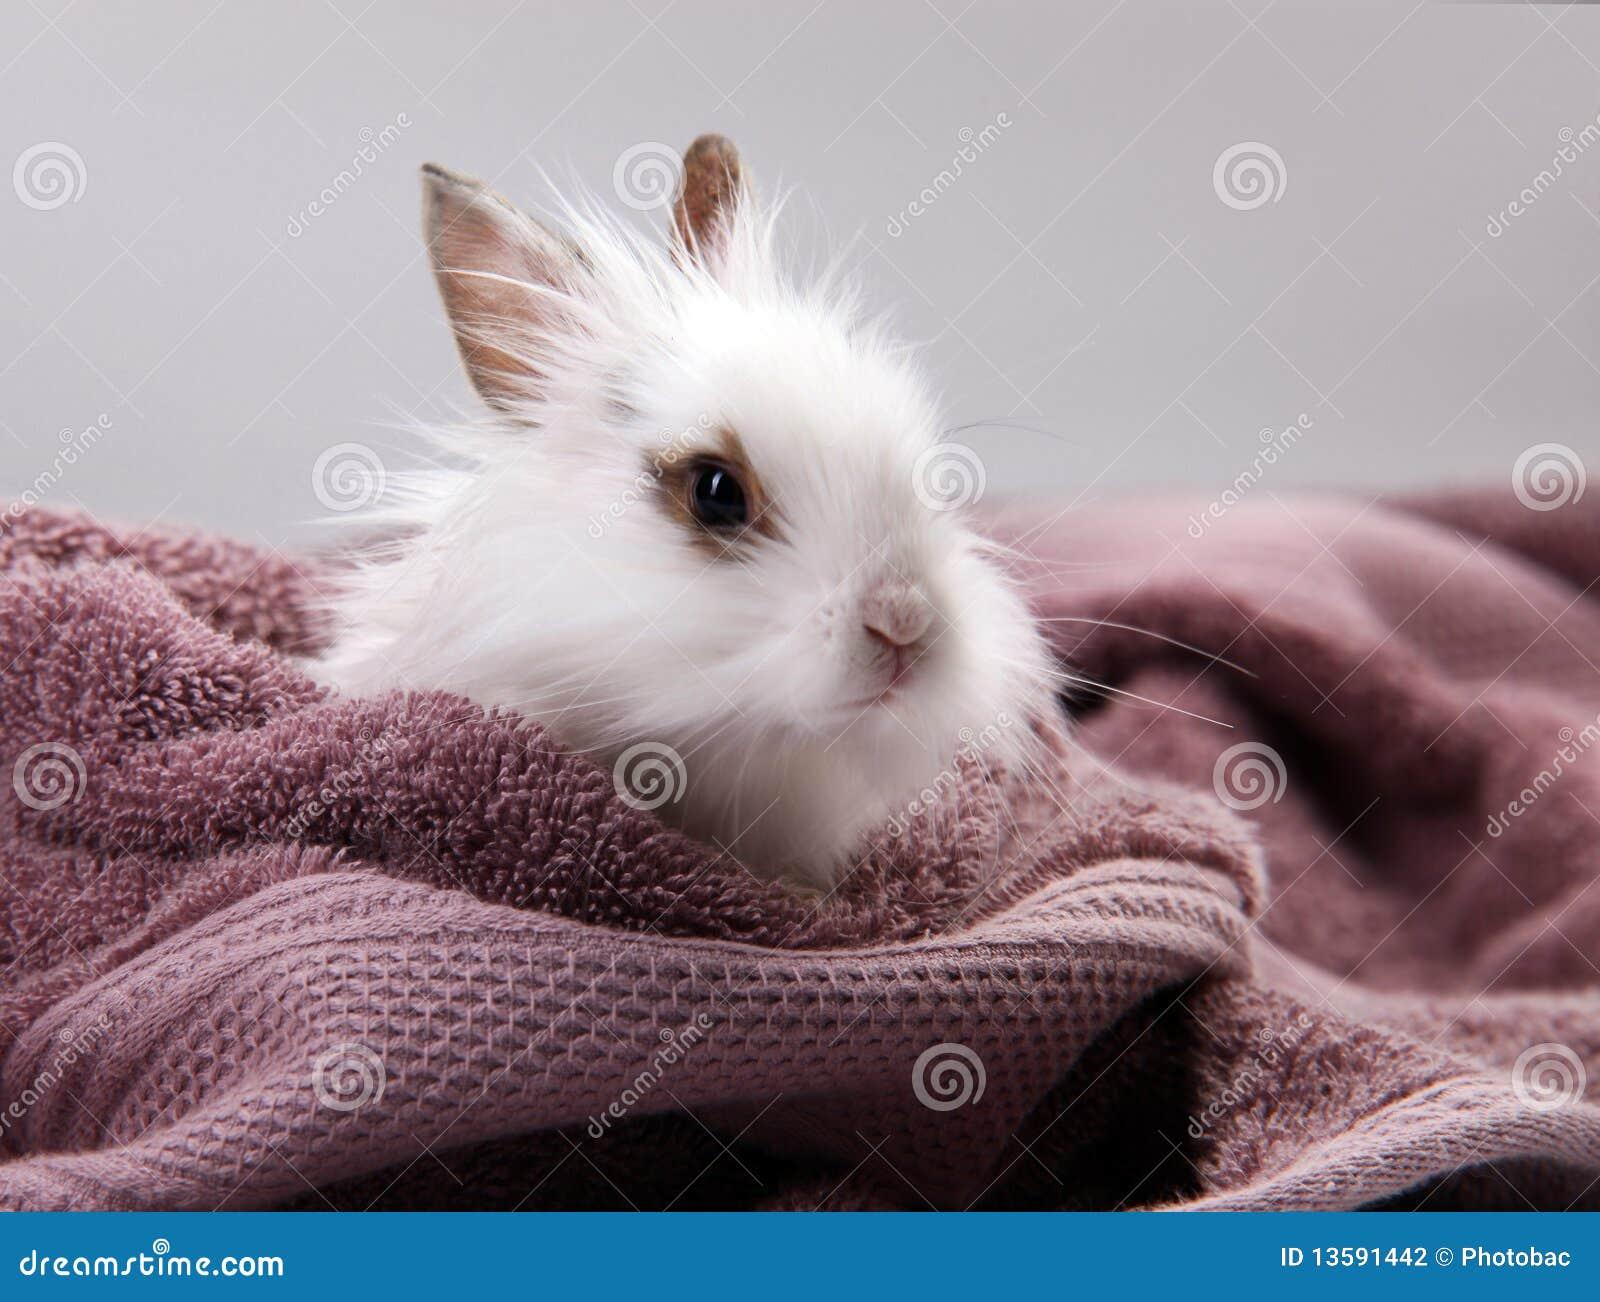 Weißes Hauskaninchen Nestled im violetten Bad-Tuch